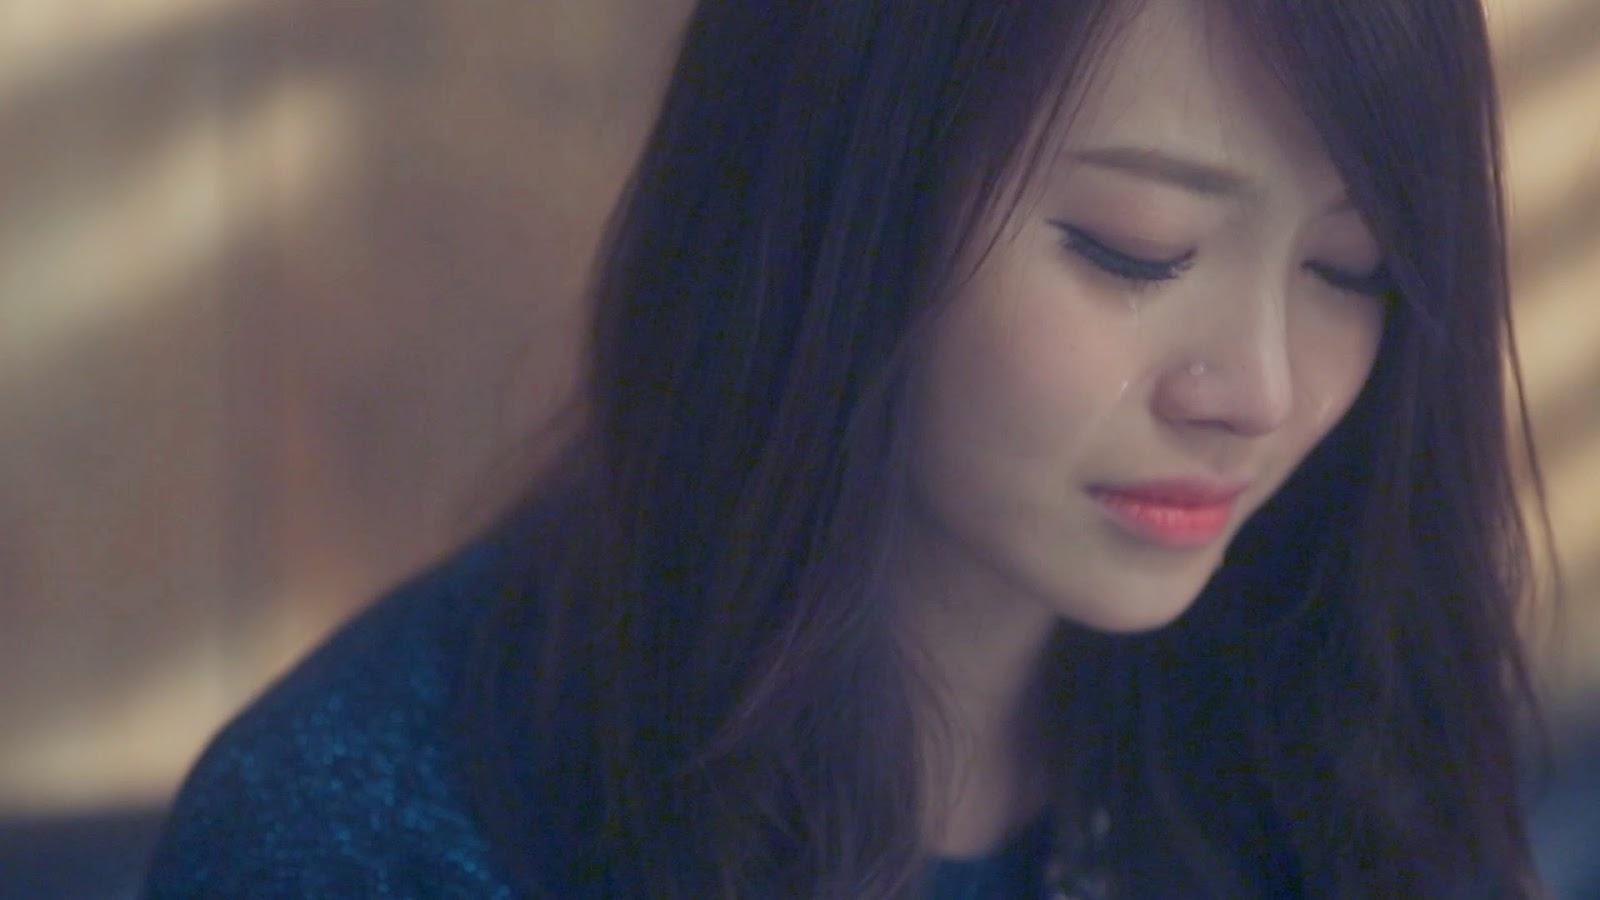 sad girls photos hd